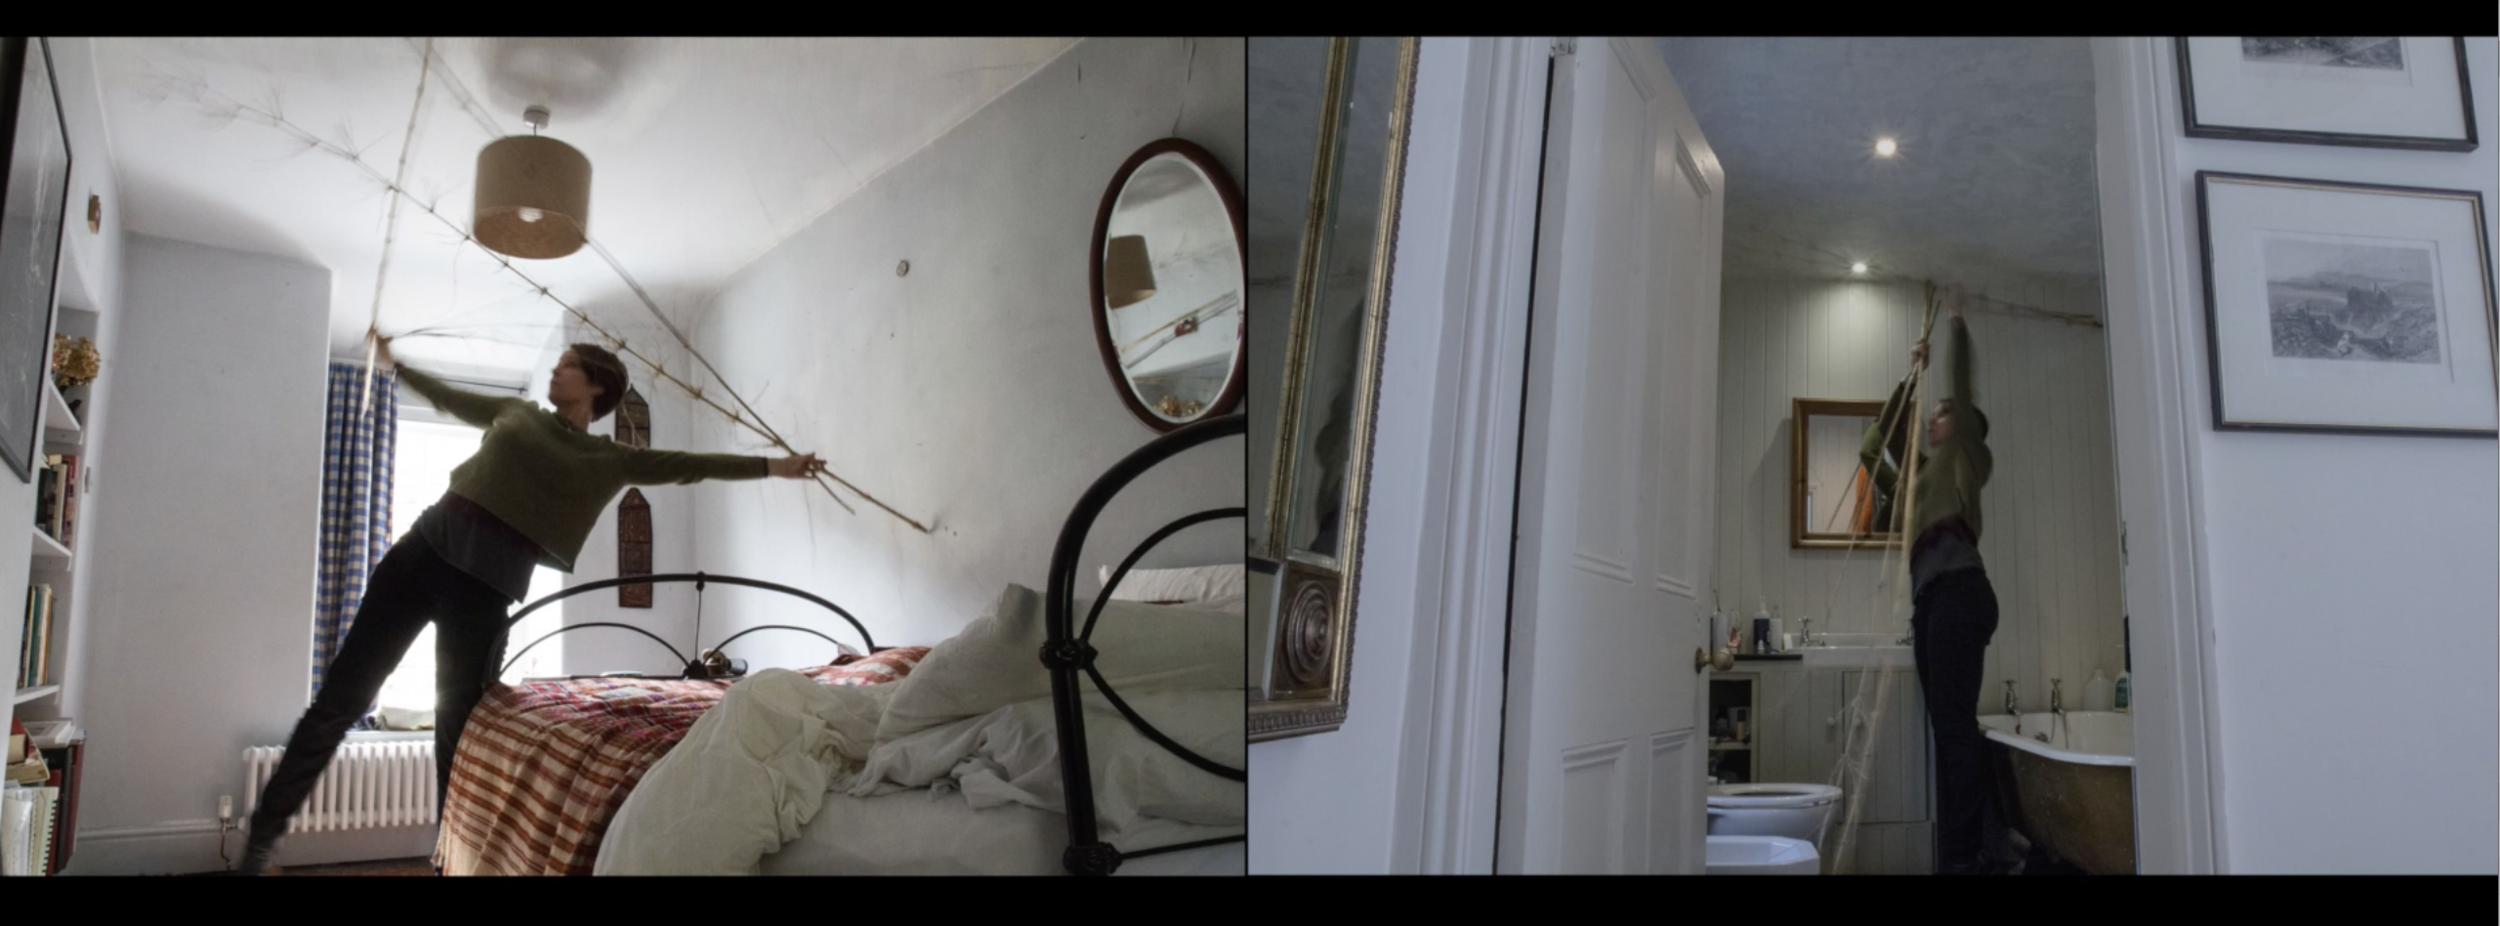 Breuddwyd Merch Y Chwarel - The Quarry Woman's Dream, film still, 2019